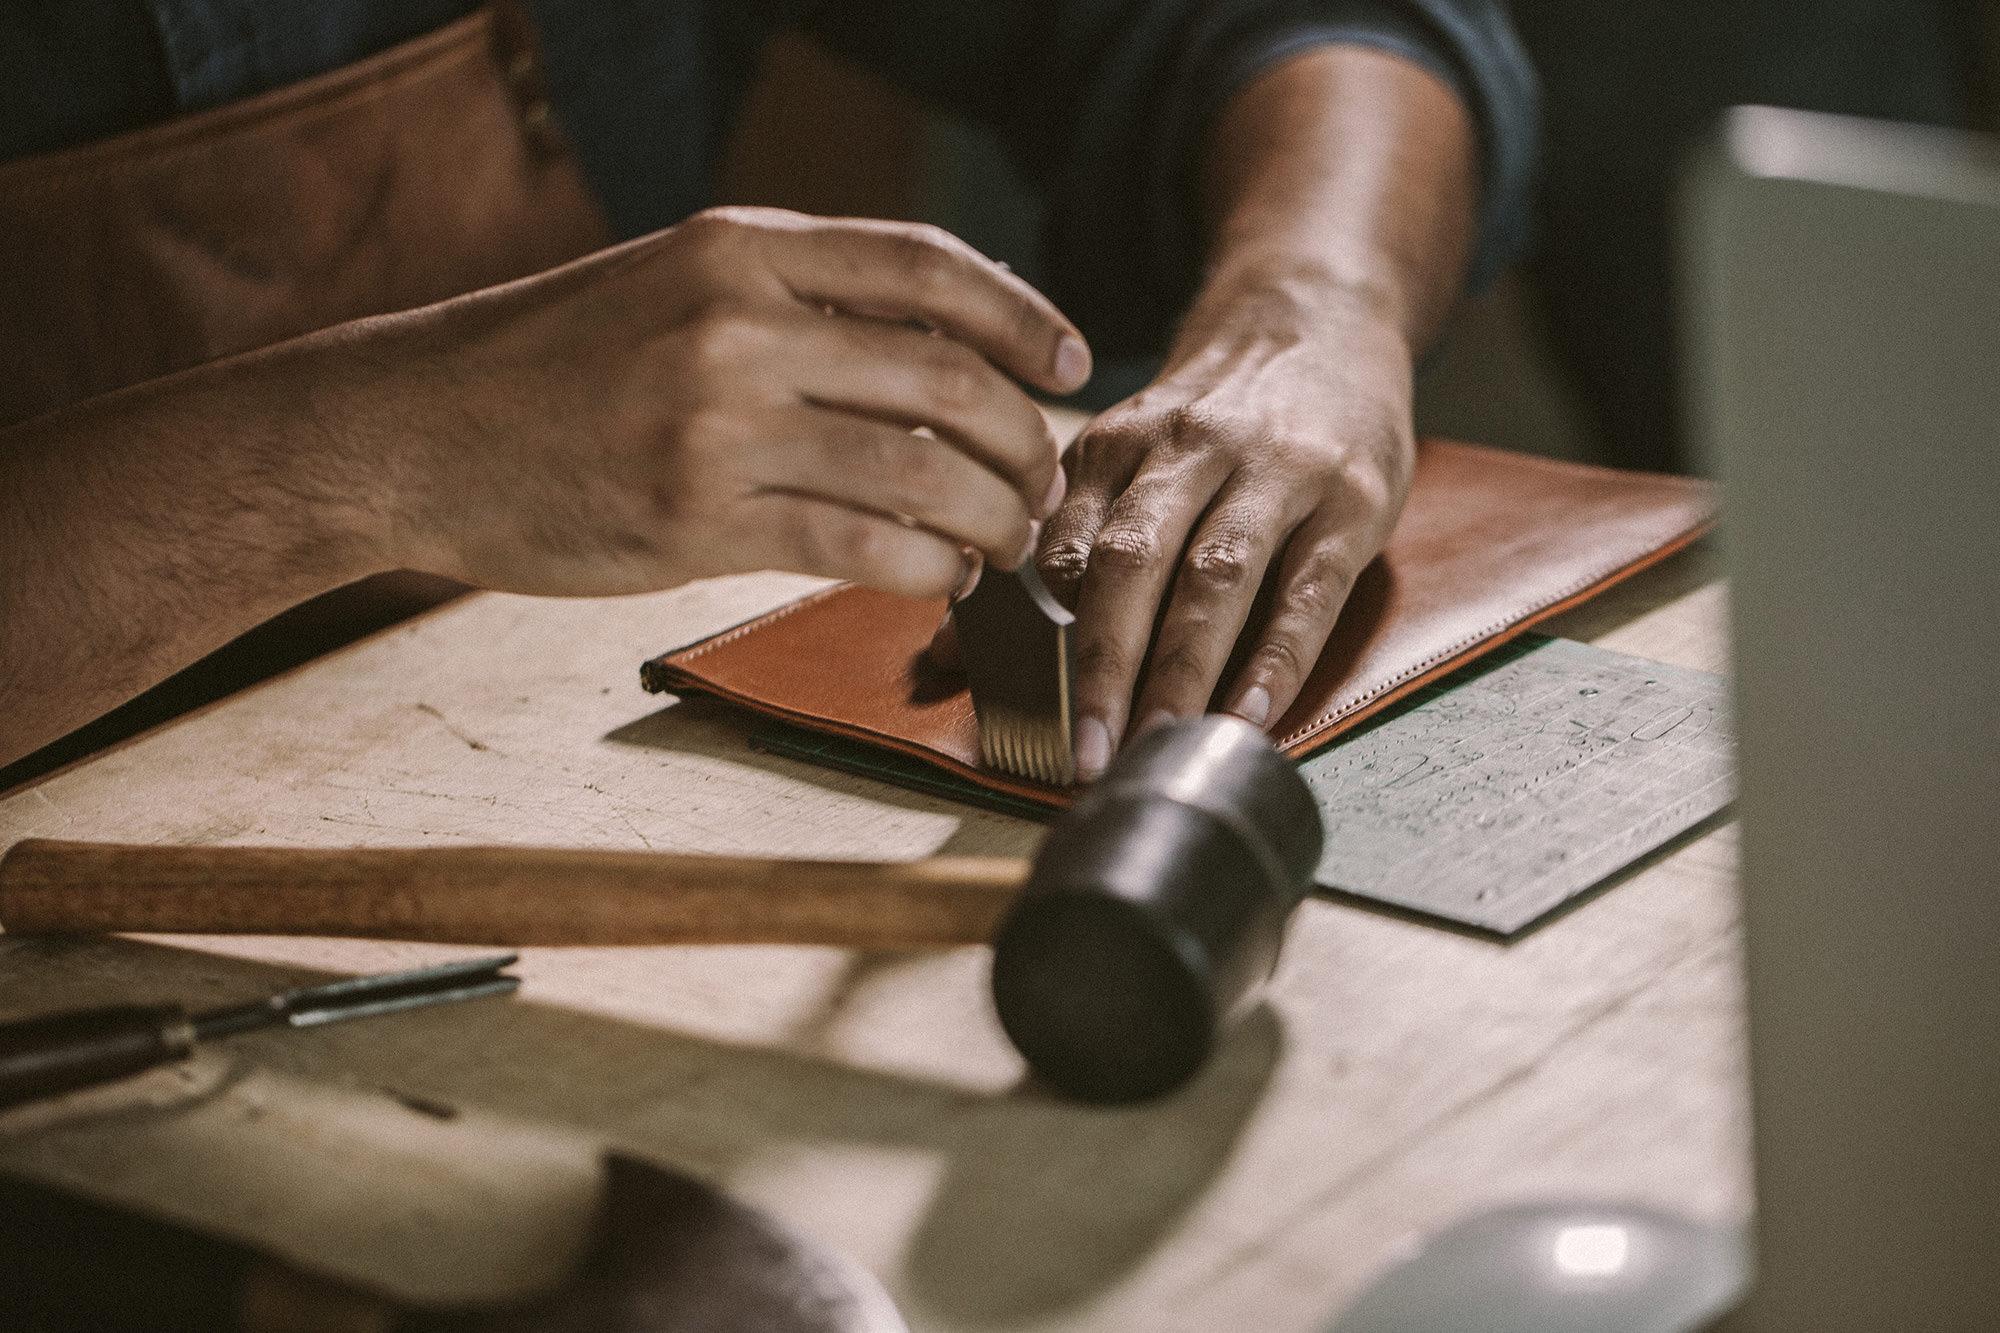 craftsmanship-12